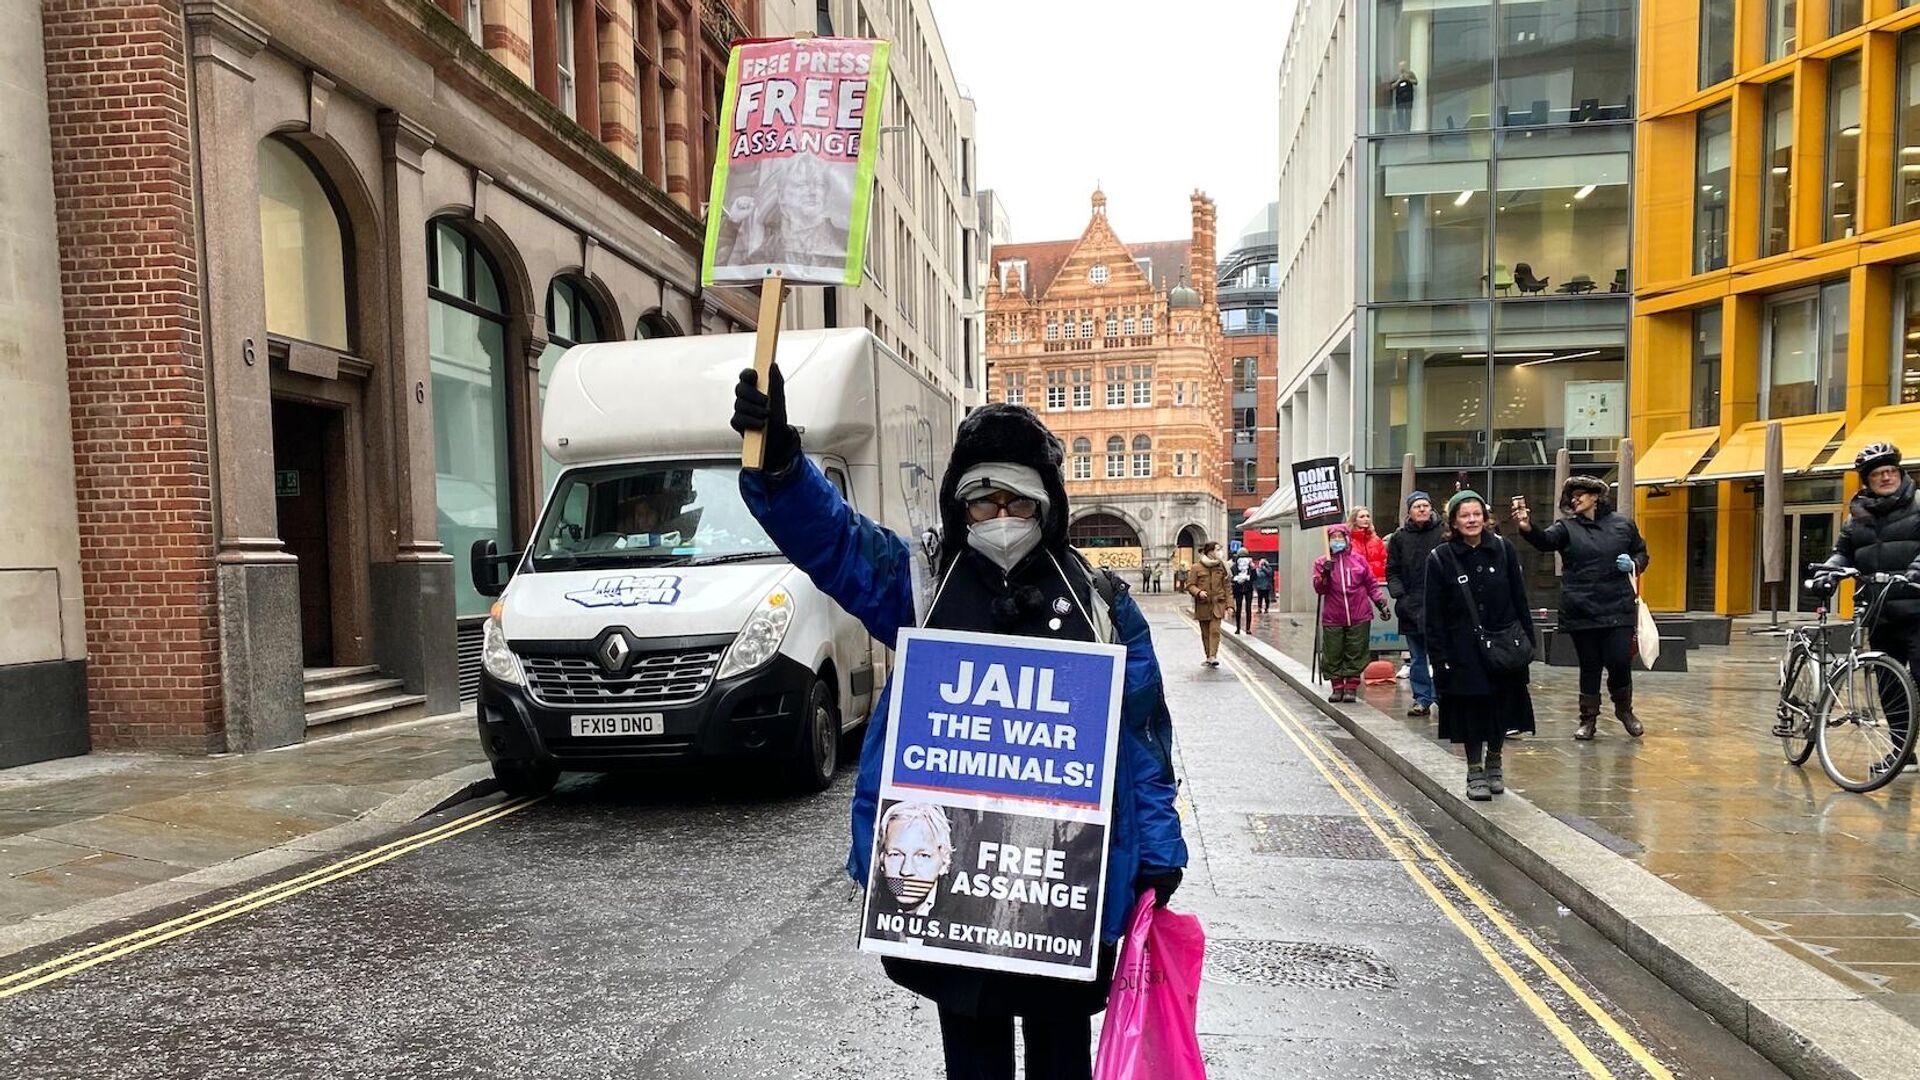 Сторонники Джулиана Ассанжа возле здания суда в Лондоне, где рассматривается дело об его экстрадиции в США - РИА Новости, 1920, 04.01.2021